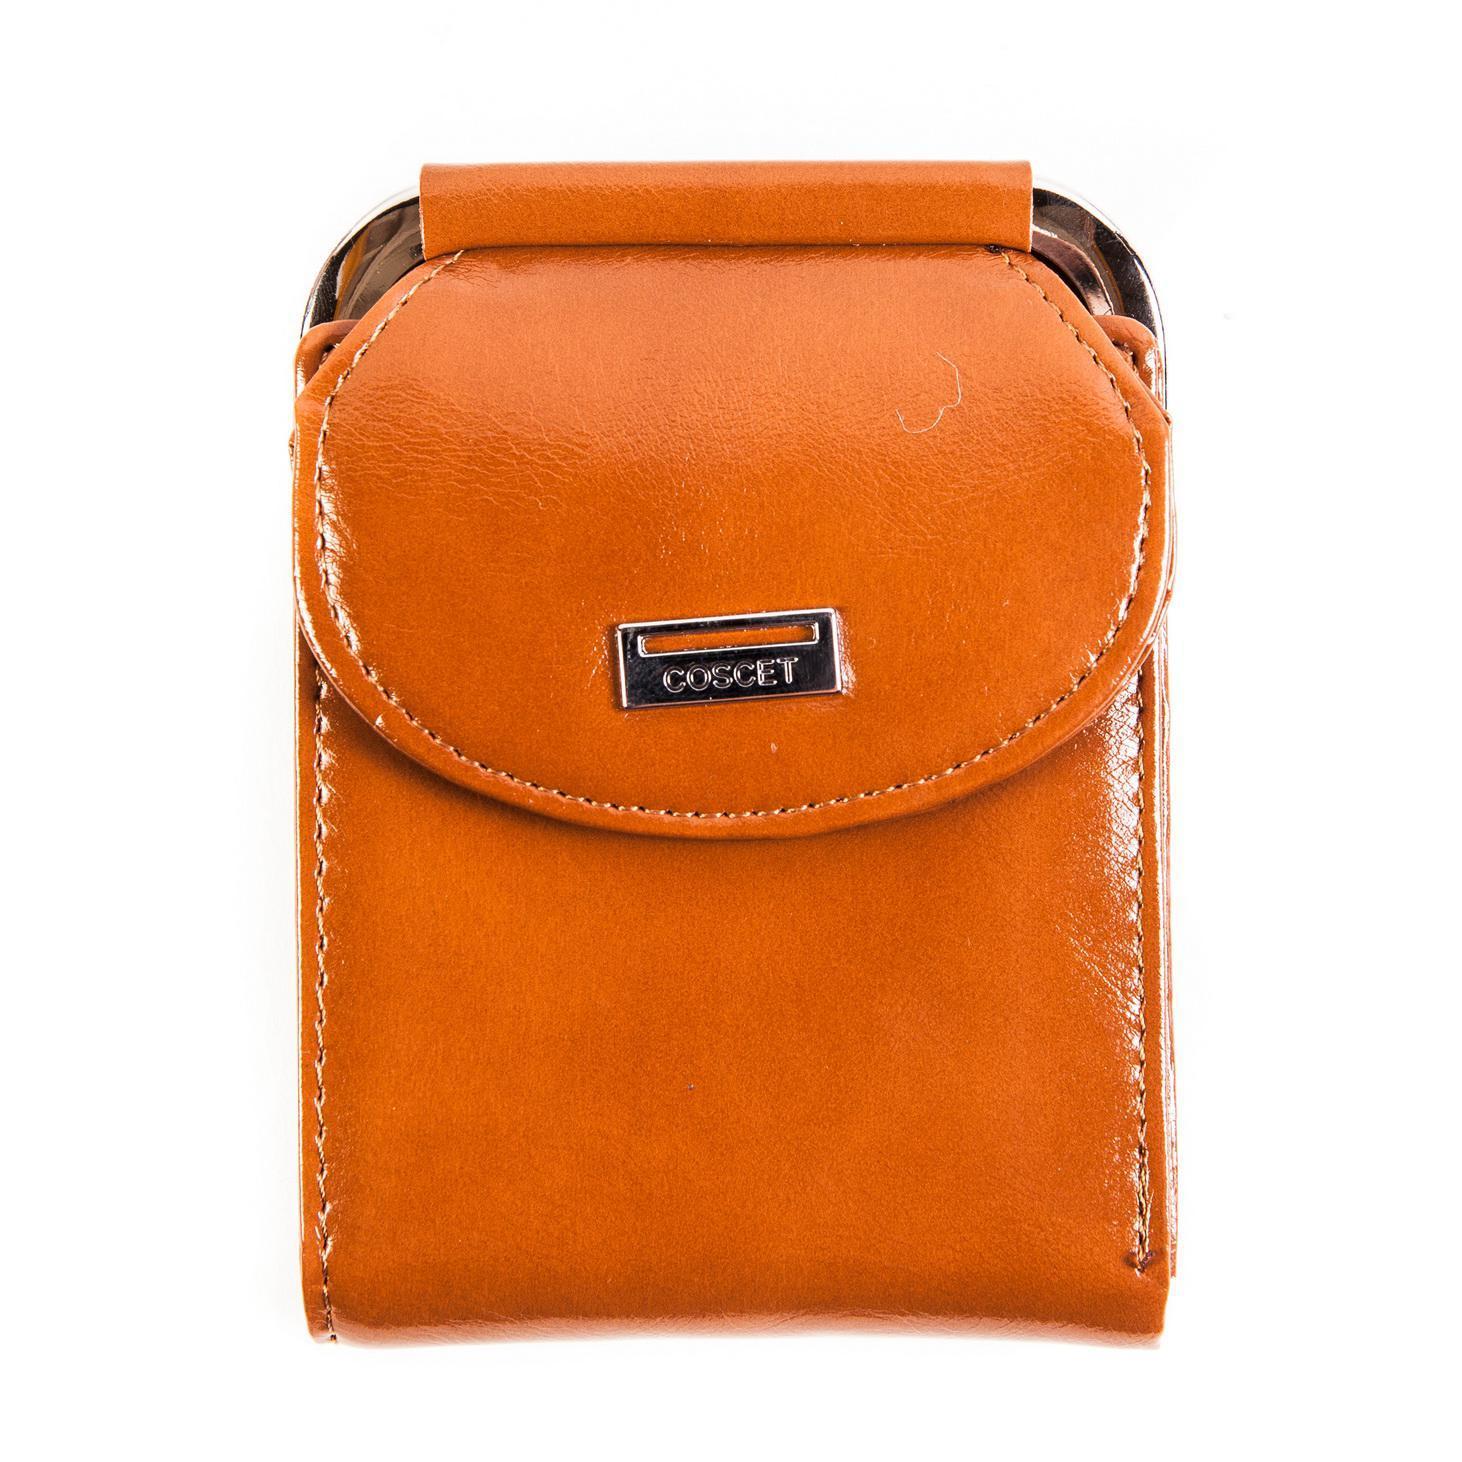 Стильный оранжевый женский кошелёк из из искусственной кожи с внешним отделением из 2 секций для мелочи, 1 большим отделением для купюр и 4 кармашками для карт, 2 кармашками для sim-карт CS208-107D